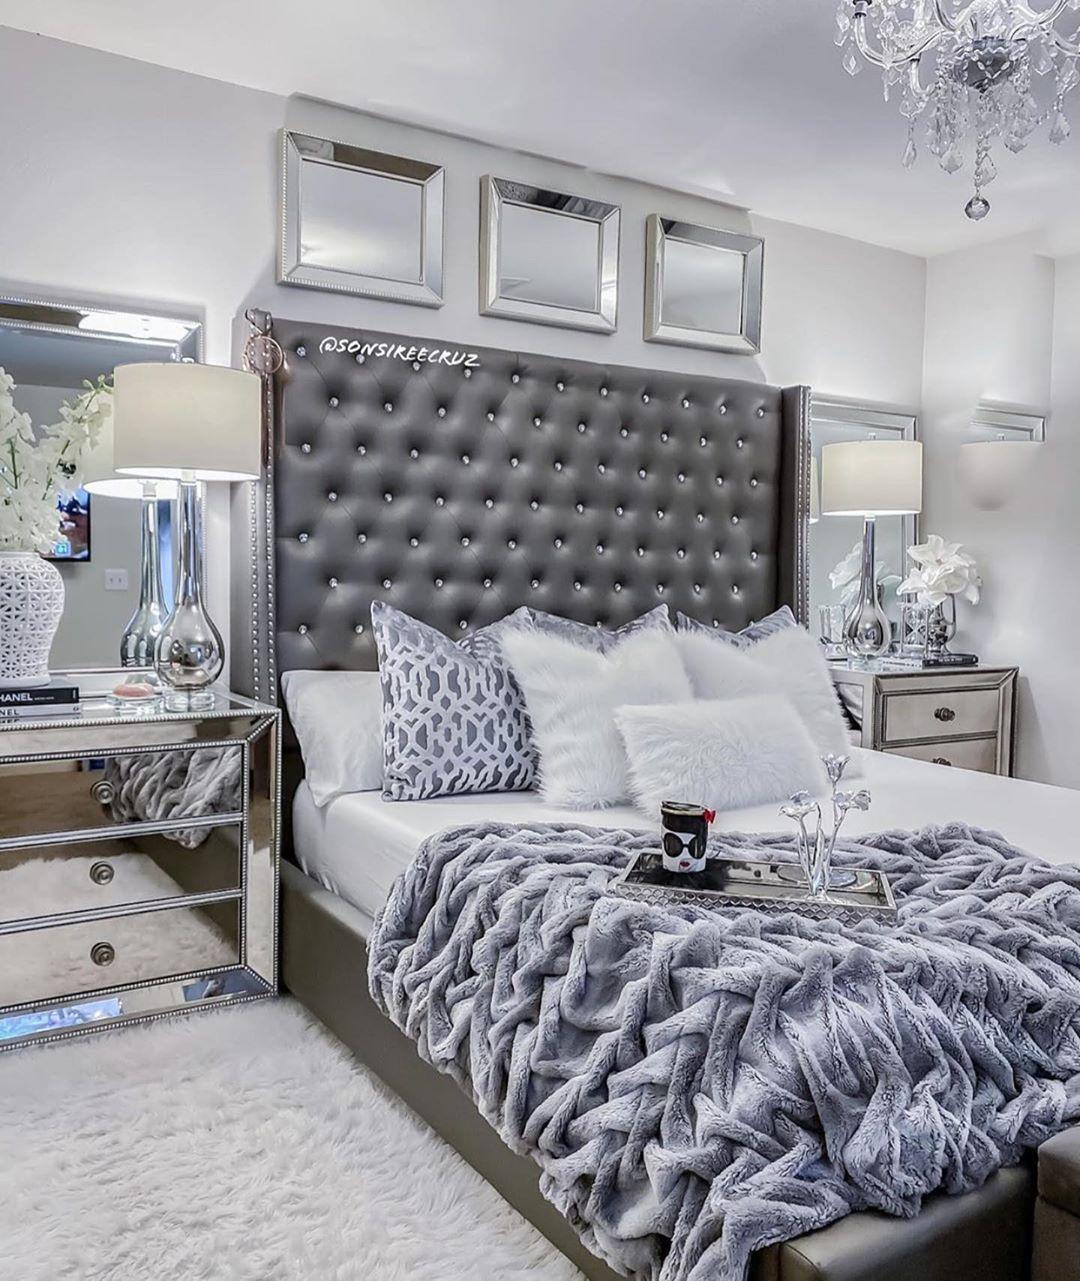 Eligiendo una cabecera elegante y gasta poco dinero remodelando tu dormitorio